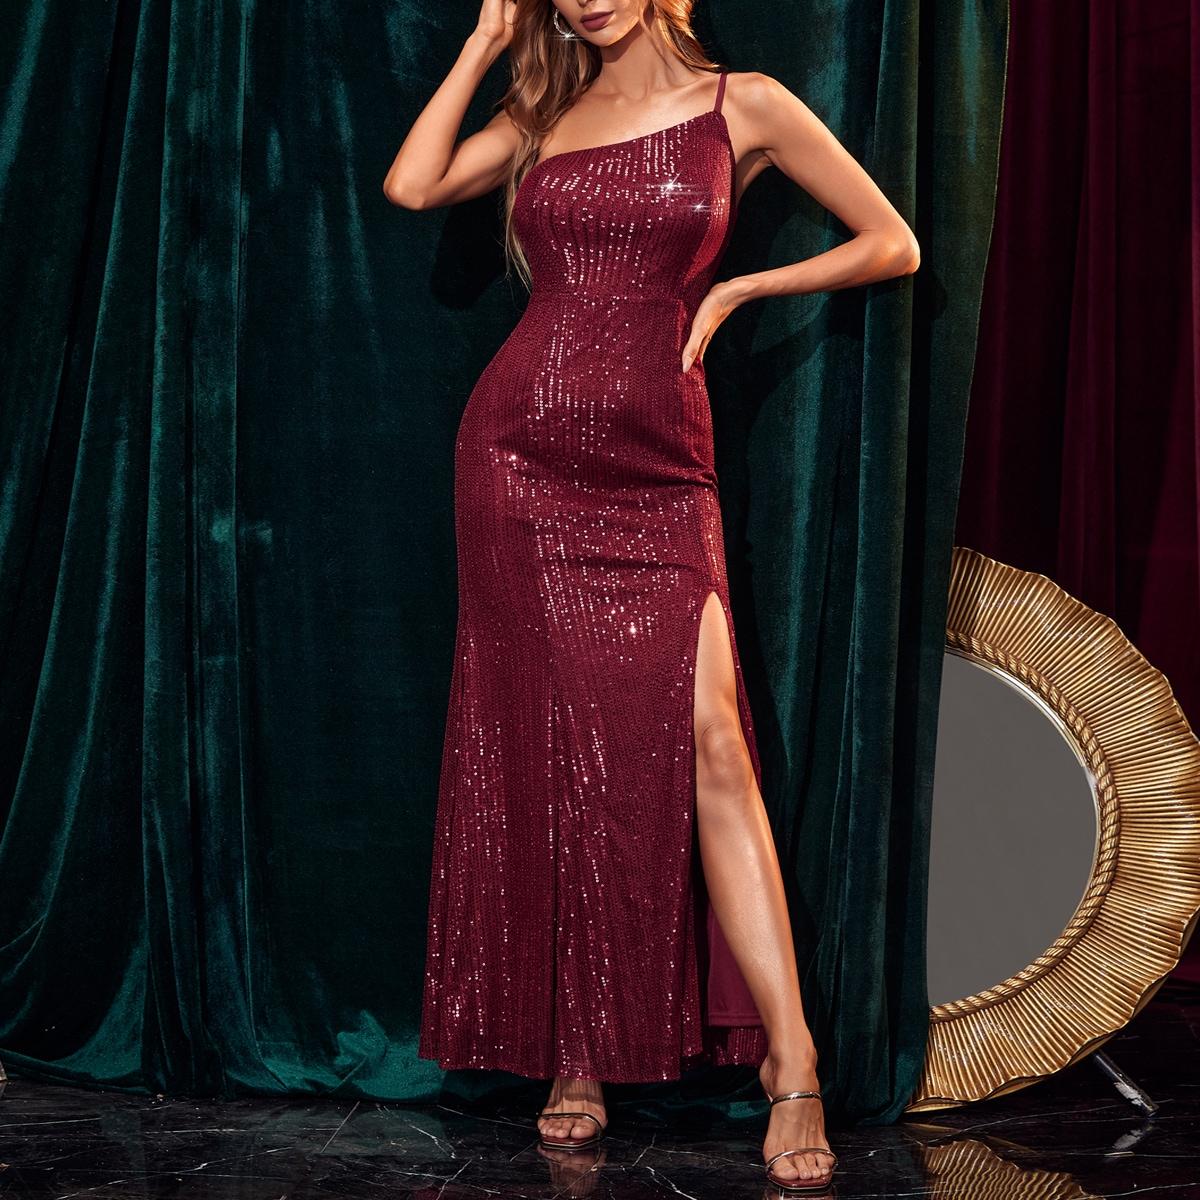 Split High One Shoulder Backless Sequin Dress